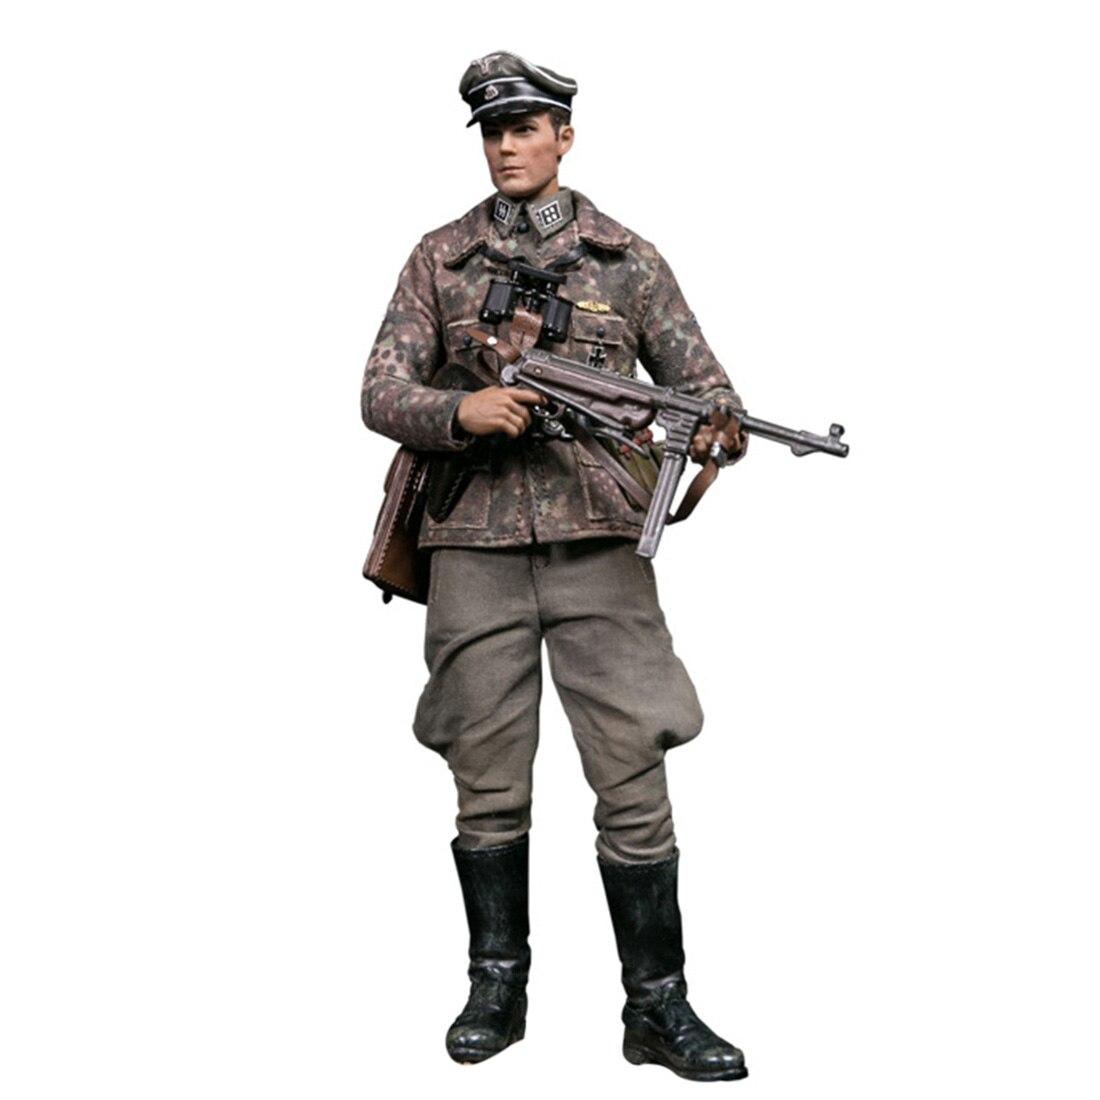 15 Cm 1/12 Action Figure Realistische Headsculpt Diy Handgemaakte Elite Wereldoorlog Ii Panzer Divisie Soldaat Model Educatief Speelgoed Gift